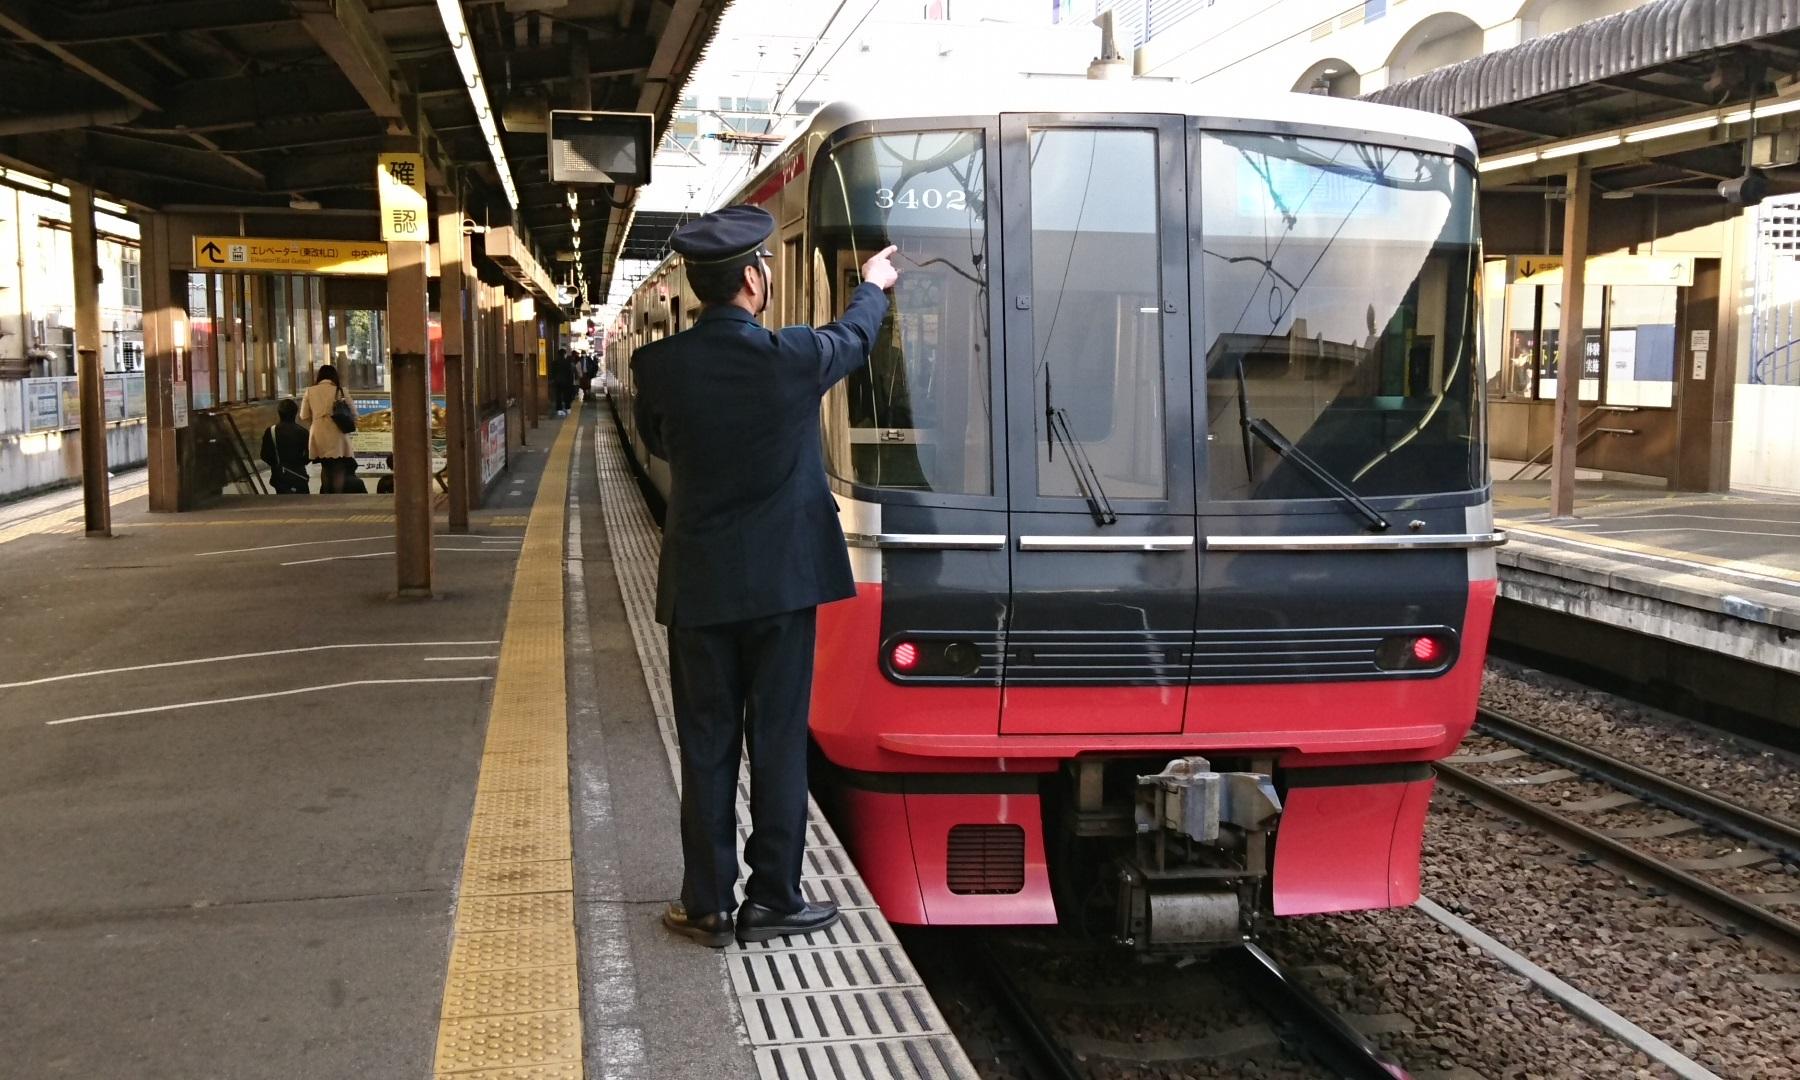 2017.1.12 (55) 東岡崎 - 豊川稲荷いき急行(3402)1920-1080